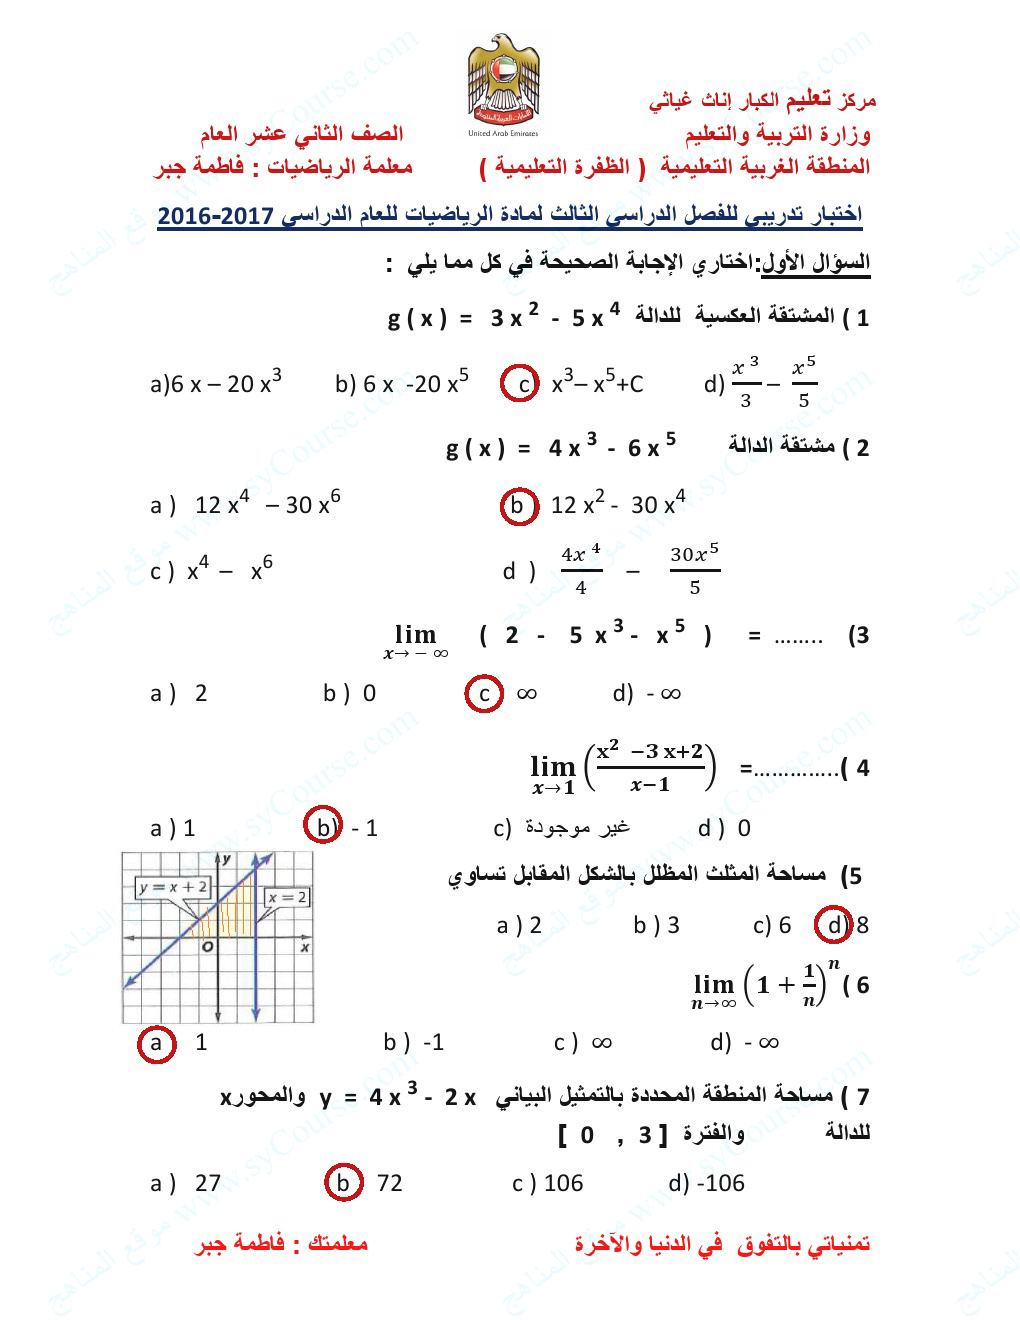 دليل المعلم لمادة الرياضيات للصف العاشر سلطنة عمان